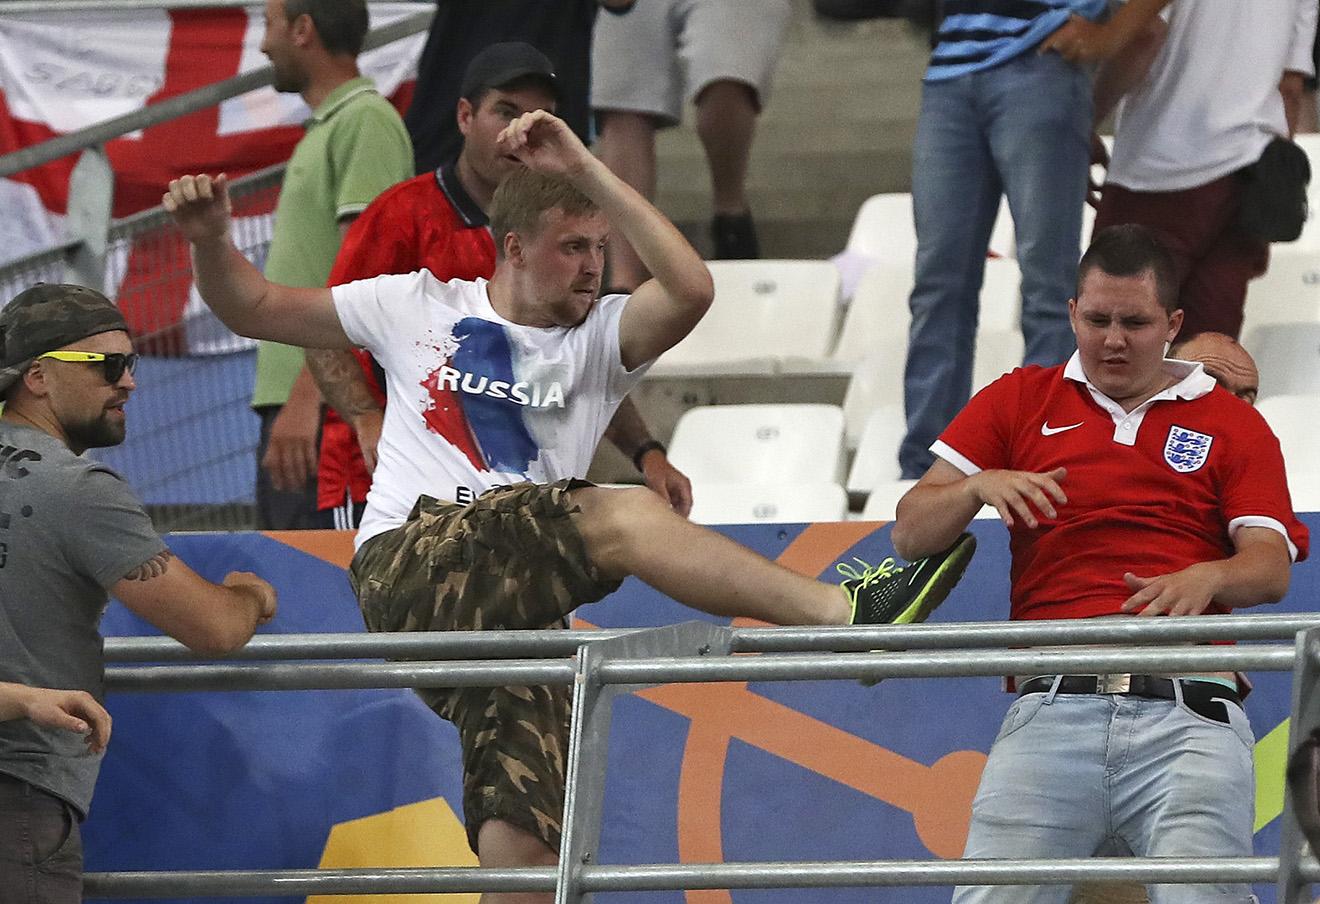 Российские болельщики нападают на английского футбольного фаната во время чемпионата Евро-2016. Фото: Thanassis Stavrakis / AP / East News